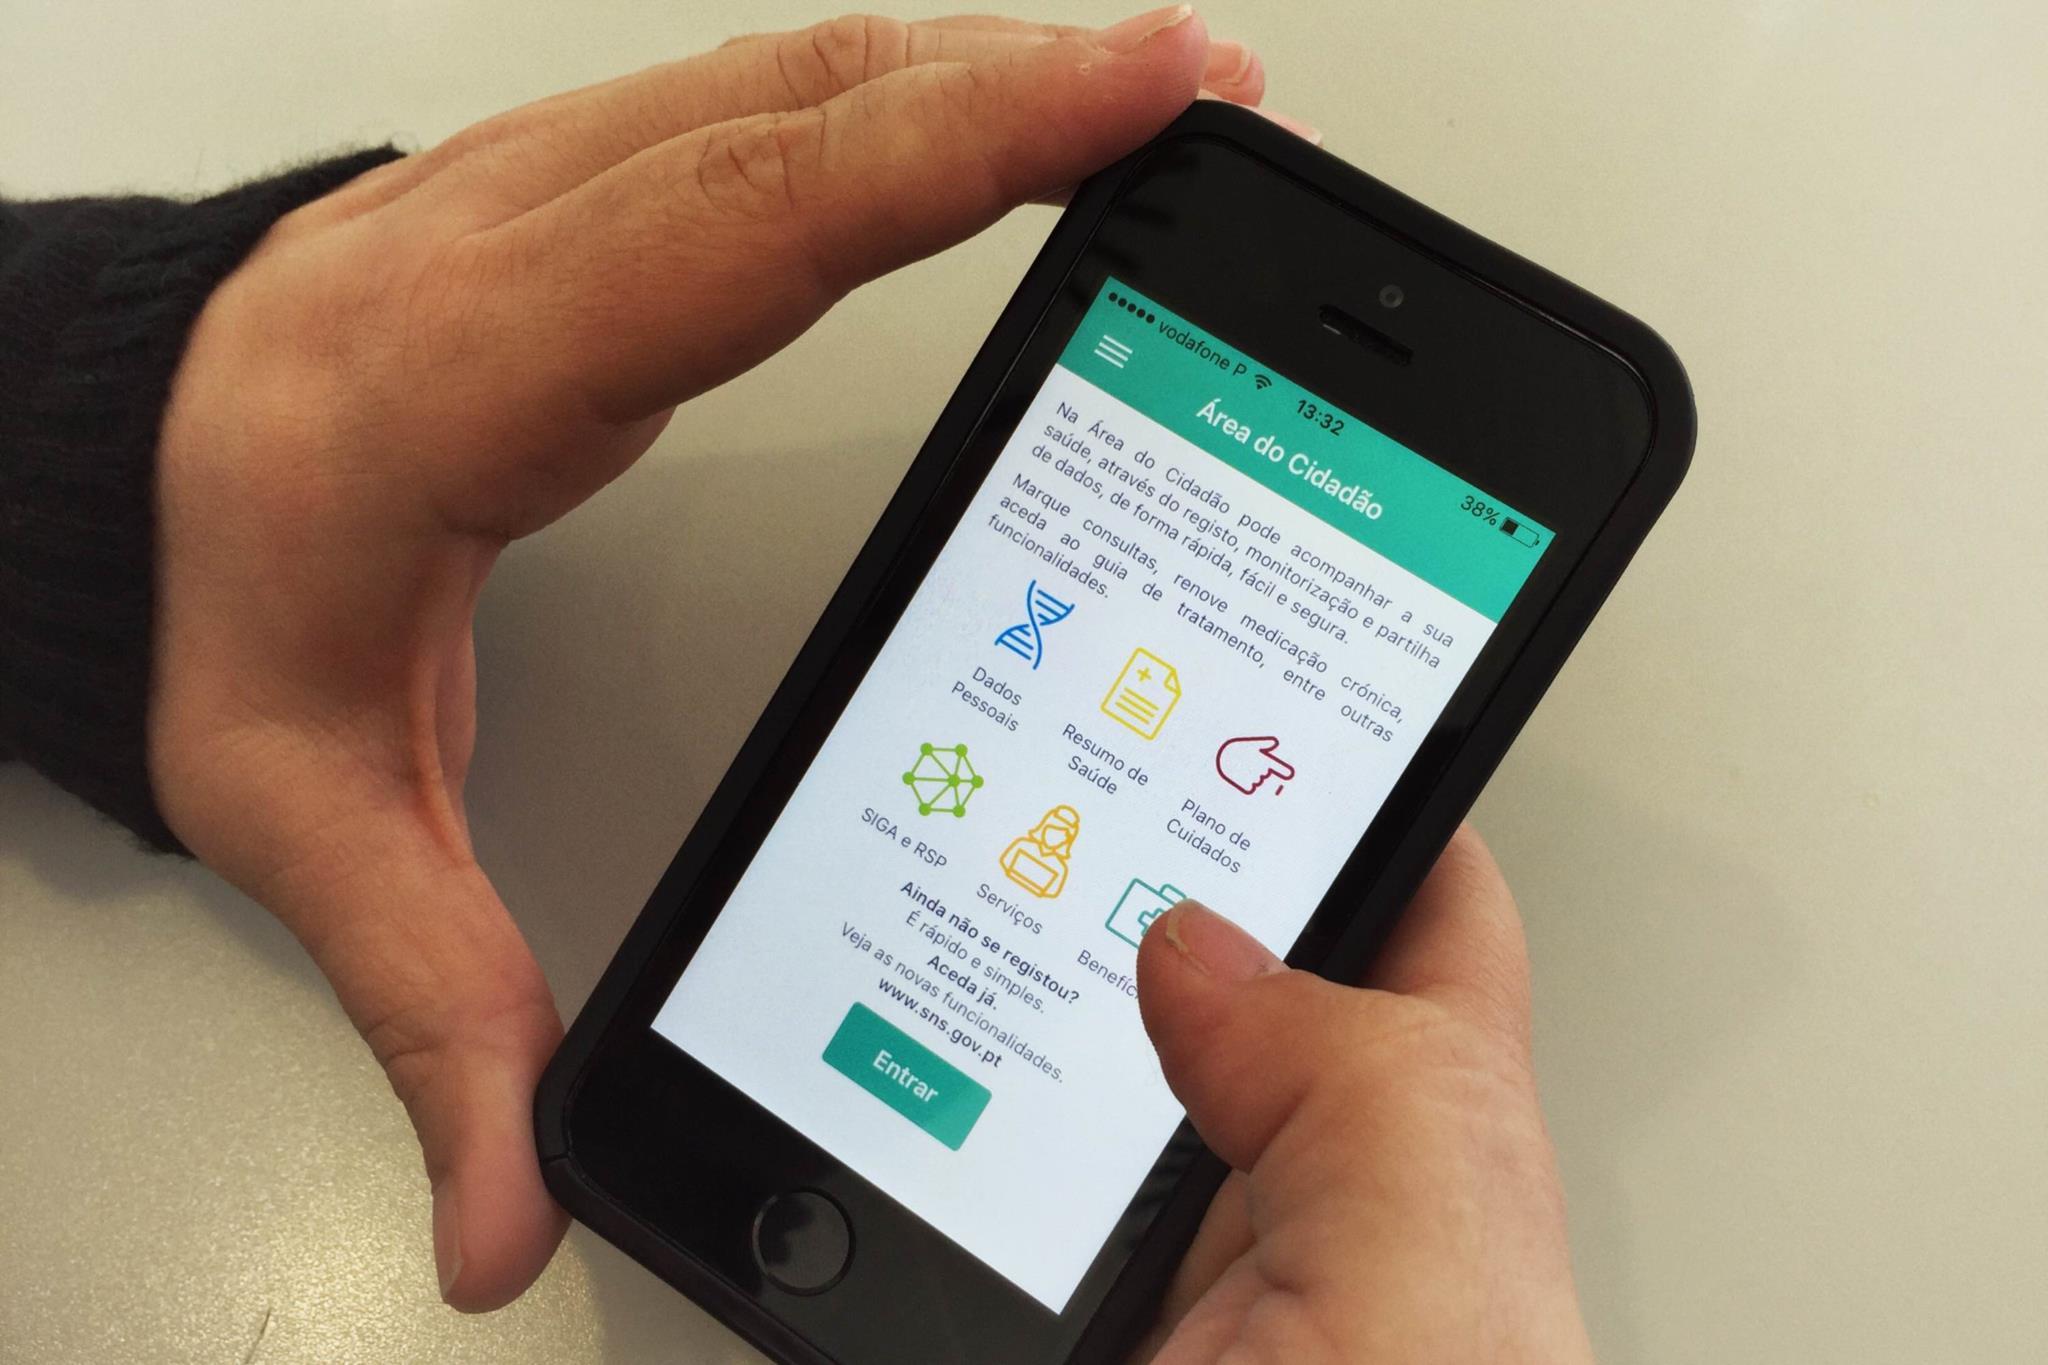 PÚBLICO - Uma <i>app</i> vai permitir que os doentes avaliem os hospitais do SNS